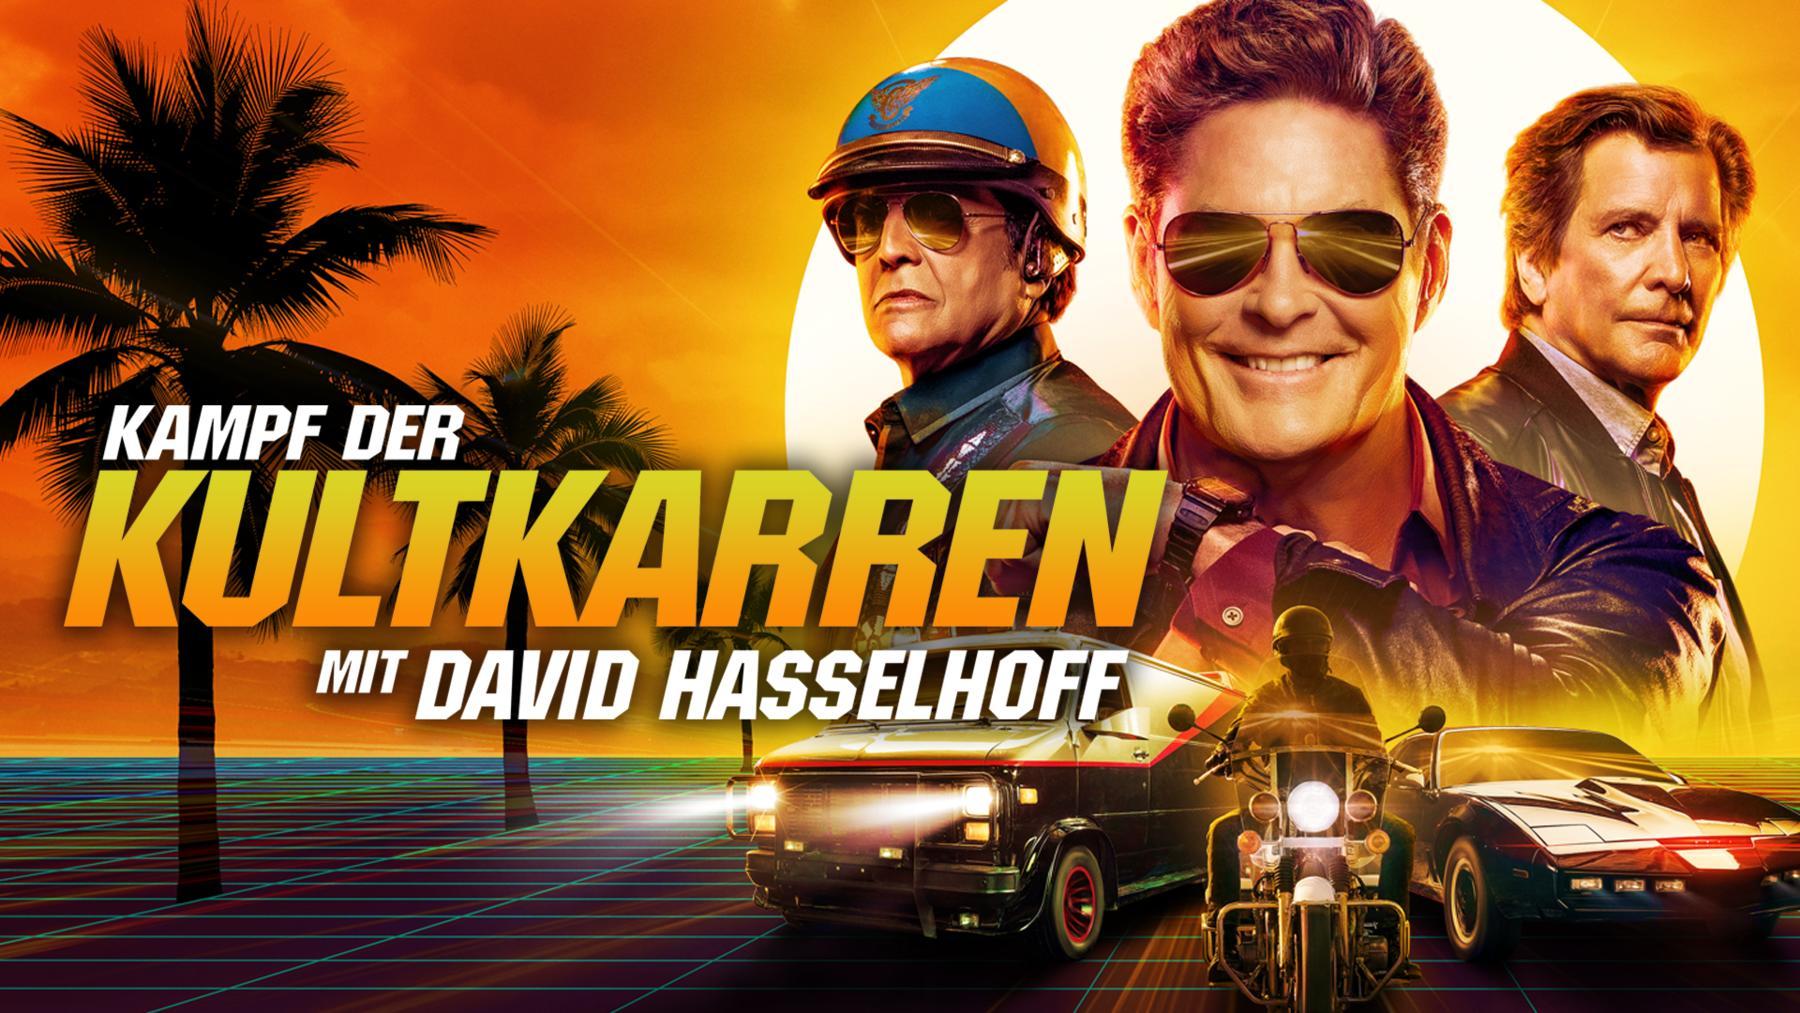 Kampf der Kultkarren mit David Hasselhoff